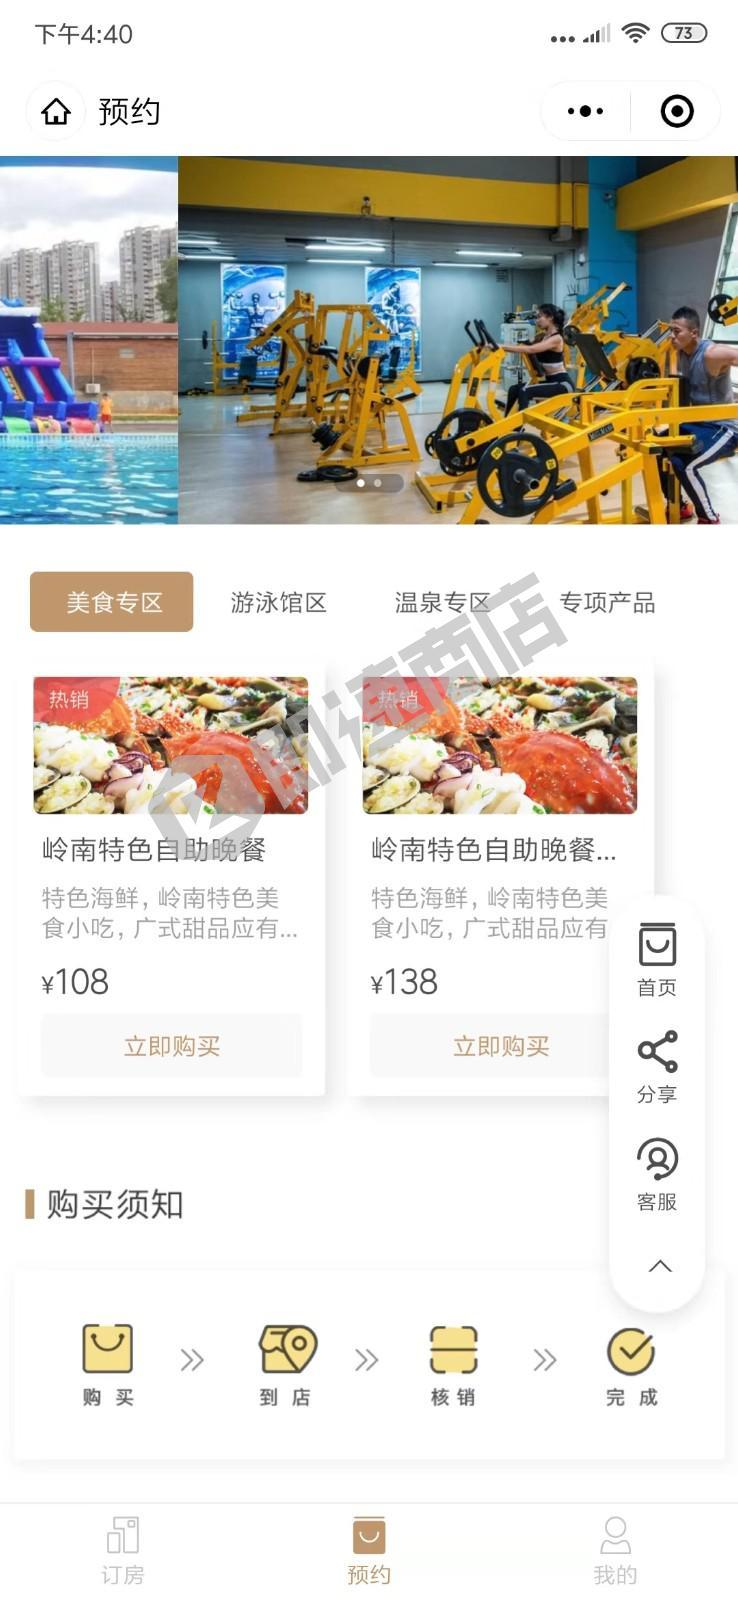 云南丽水云泉大酒店小程序列表页截图